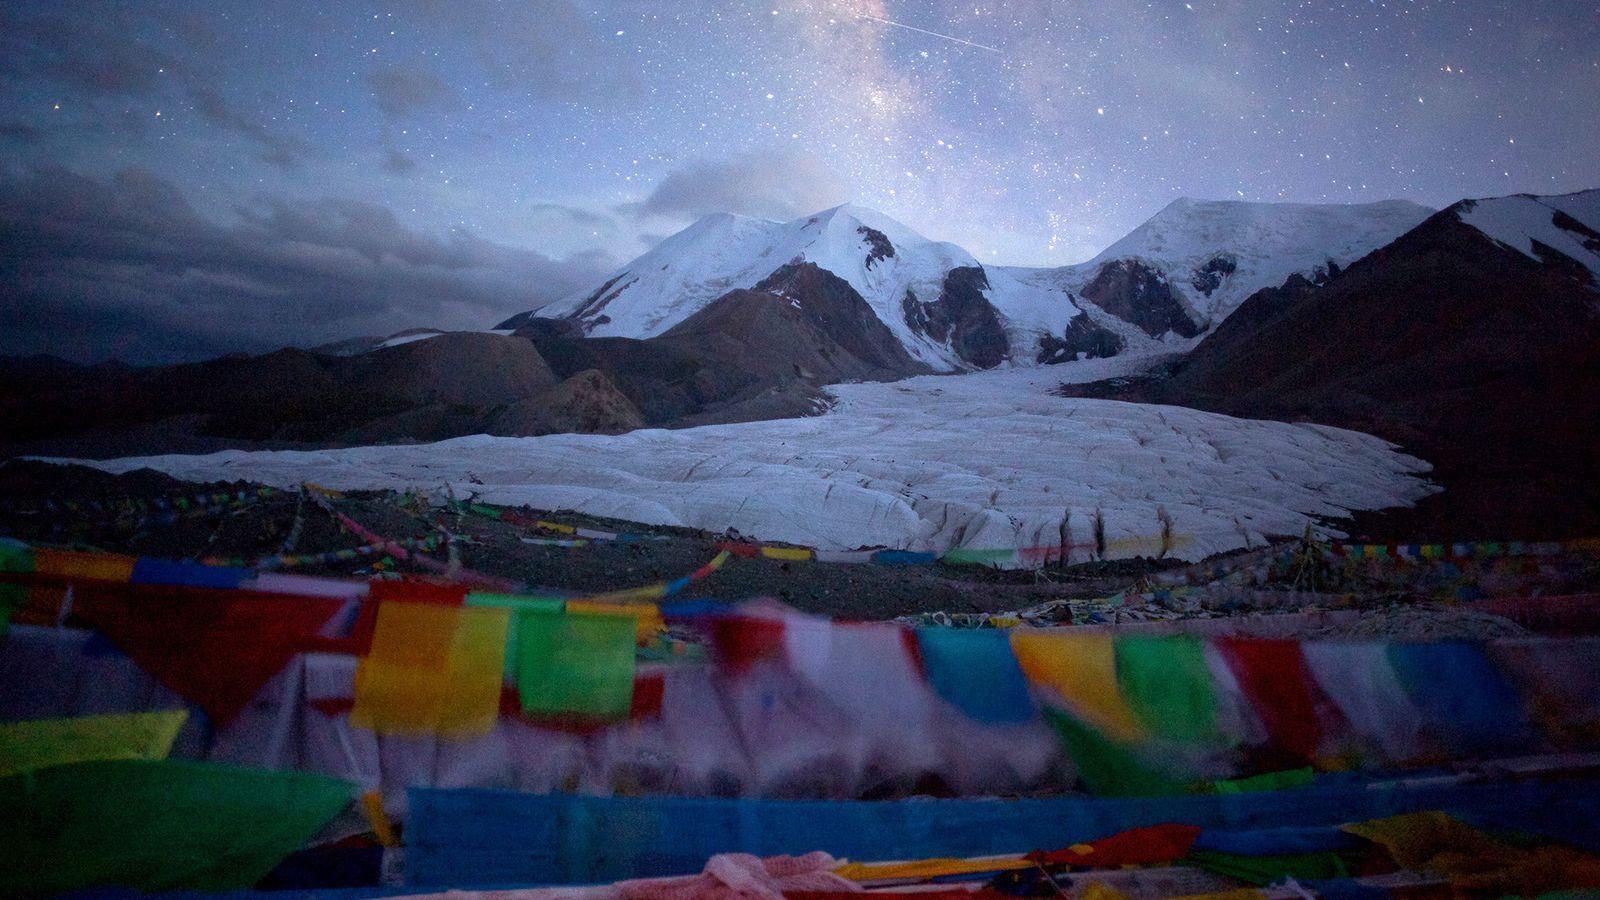 Les étoiles scintillent au-dessus d'un glacier du mont Amnye Machen dans la préfecture autonome tibétaine de ...